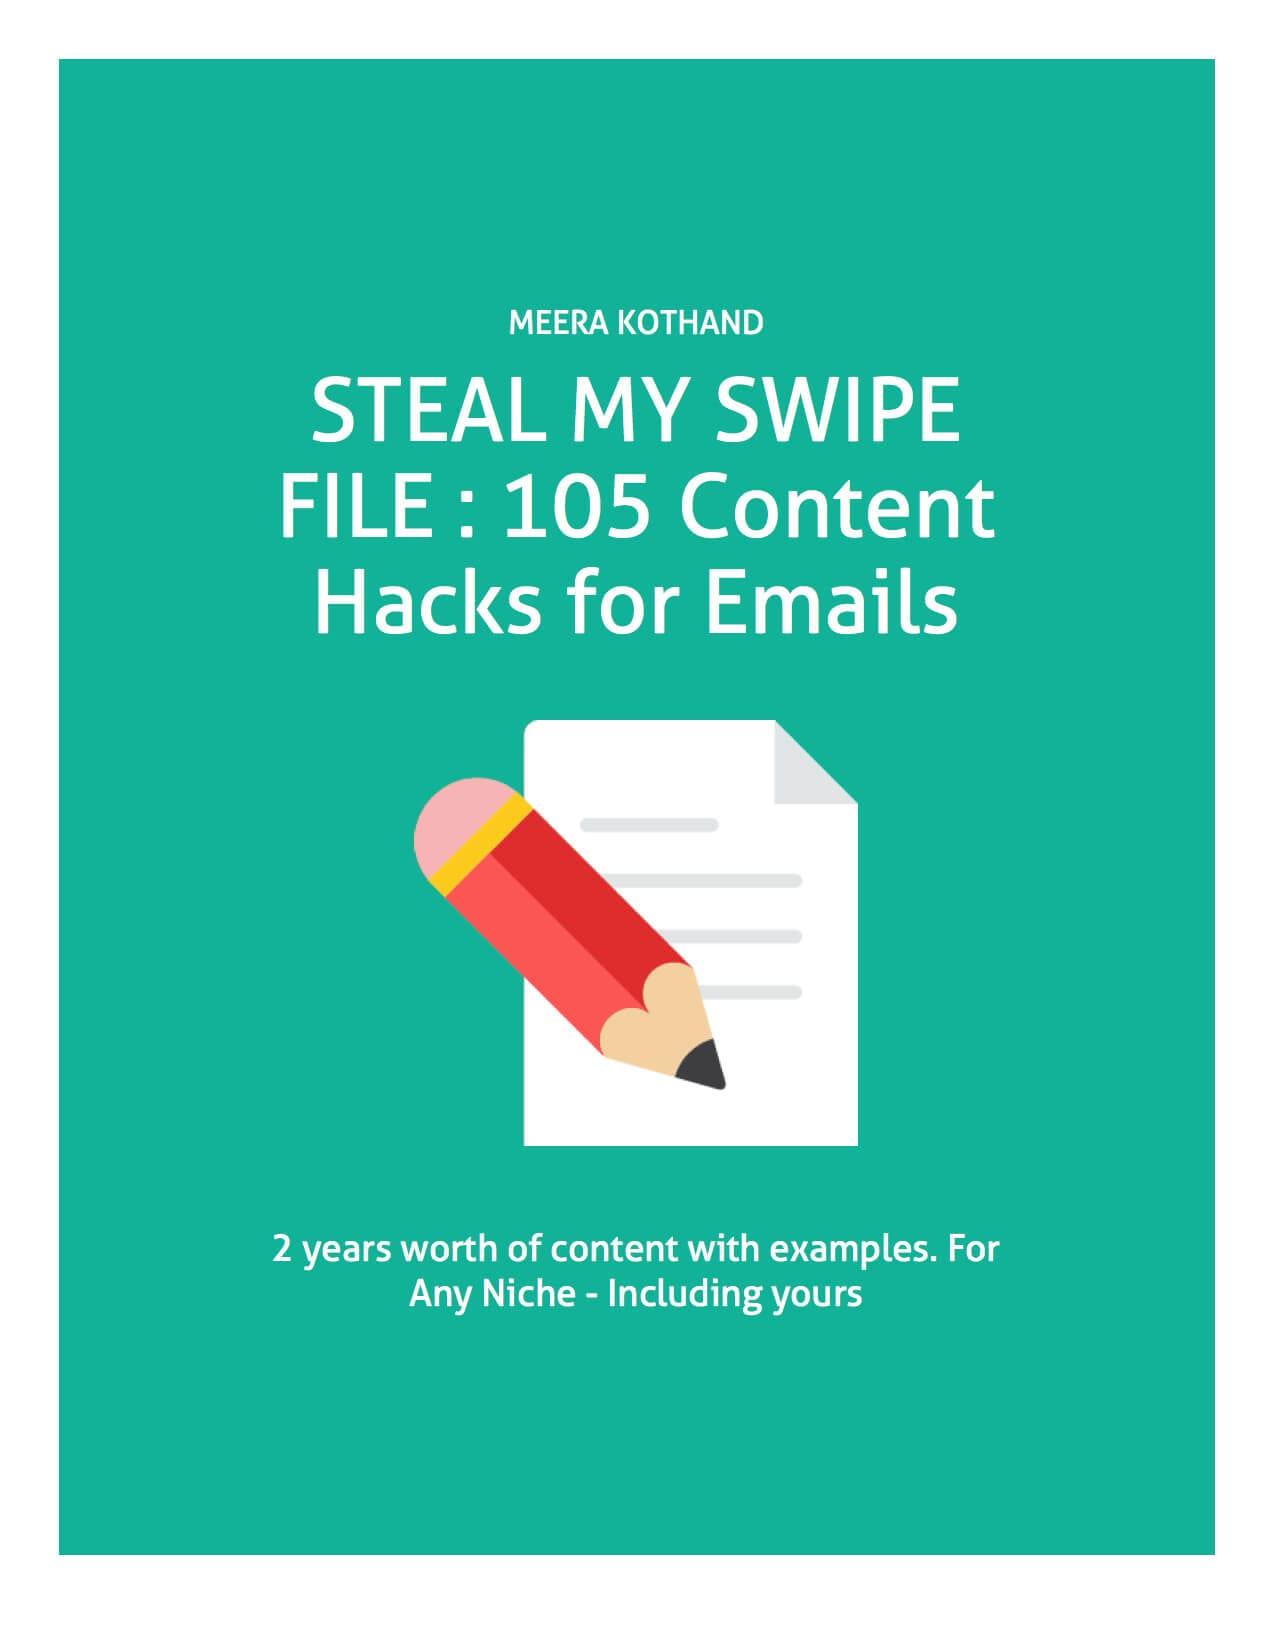 Email Swipe File